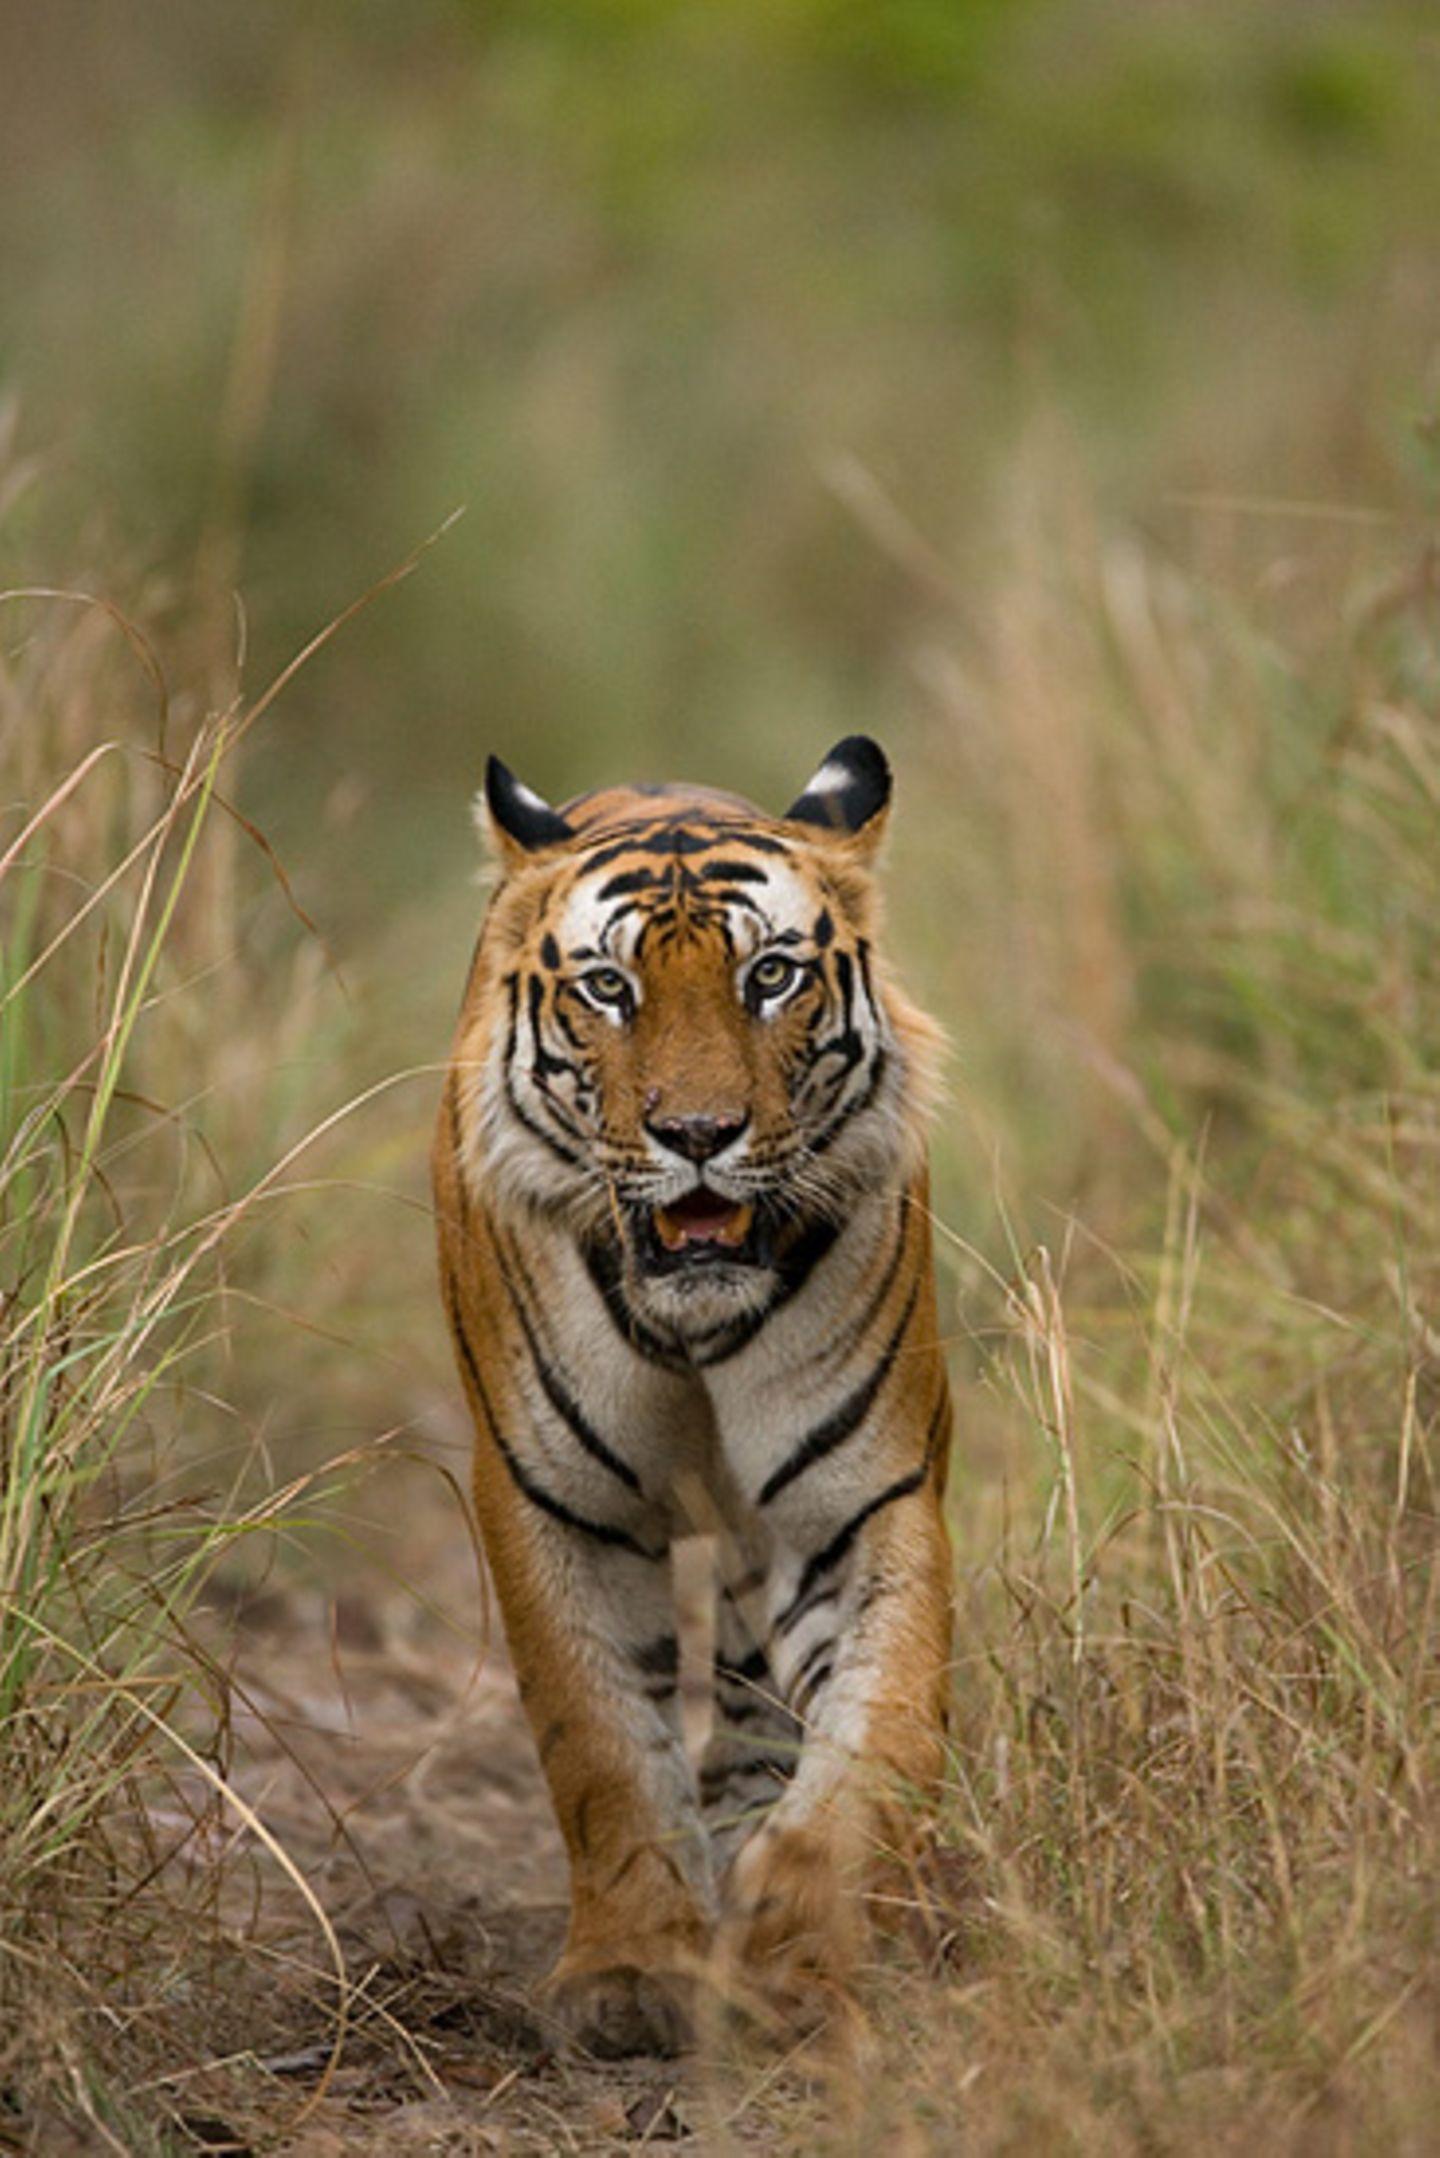 Fotogalerie: Die Augen des Dschungels - Bild 2